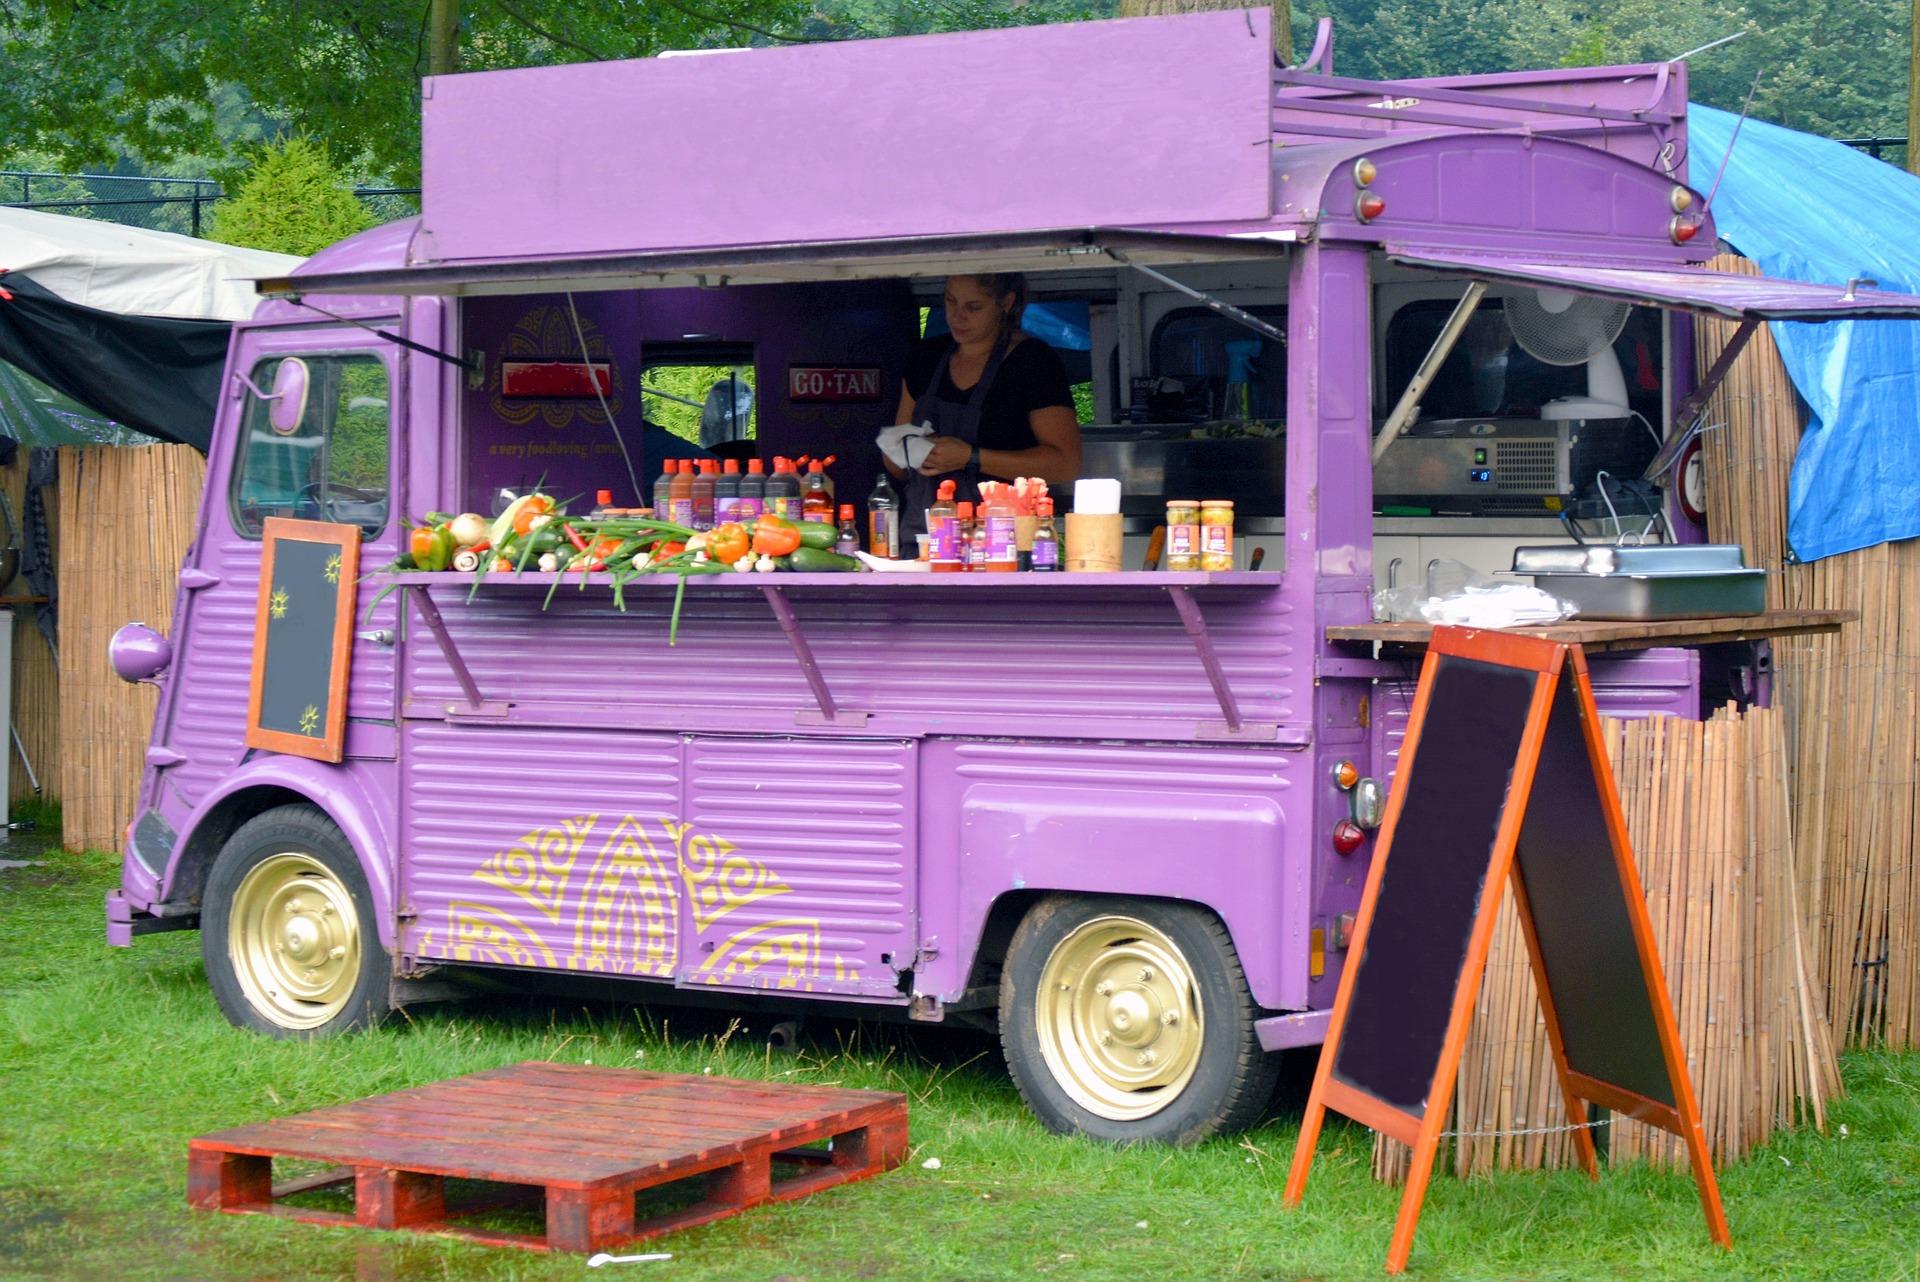 Cómo montar un negocio food truck paso a paso